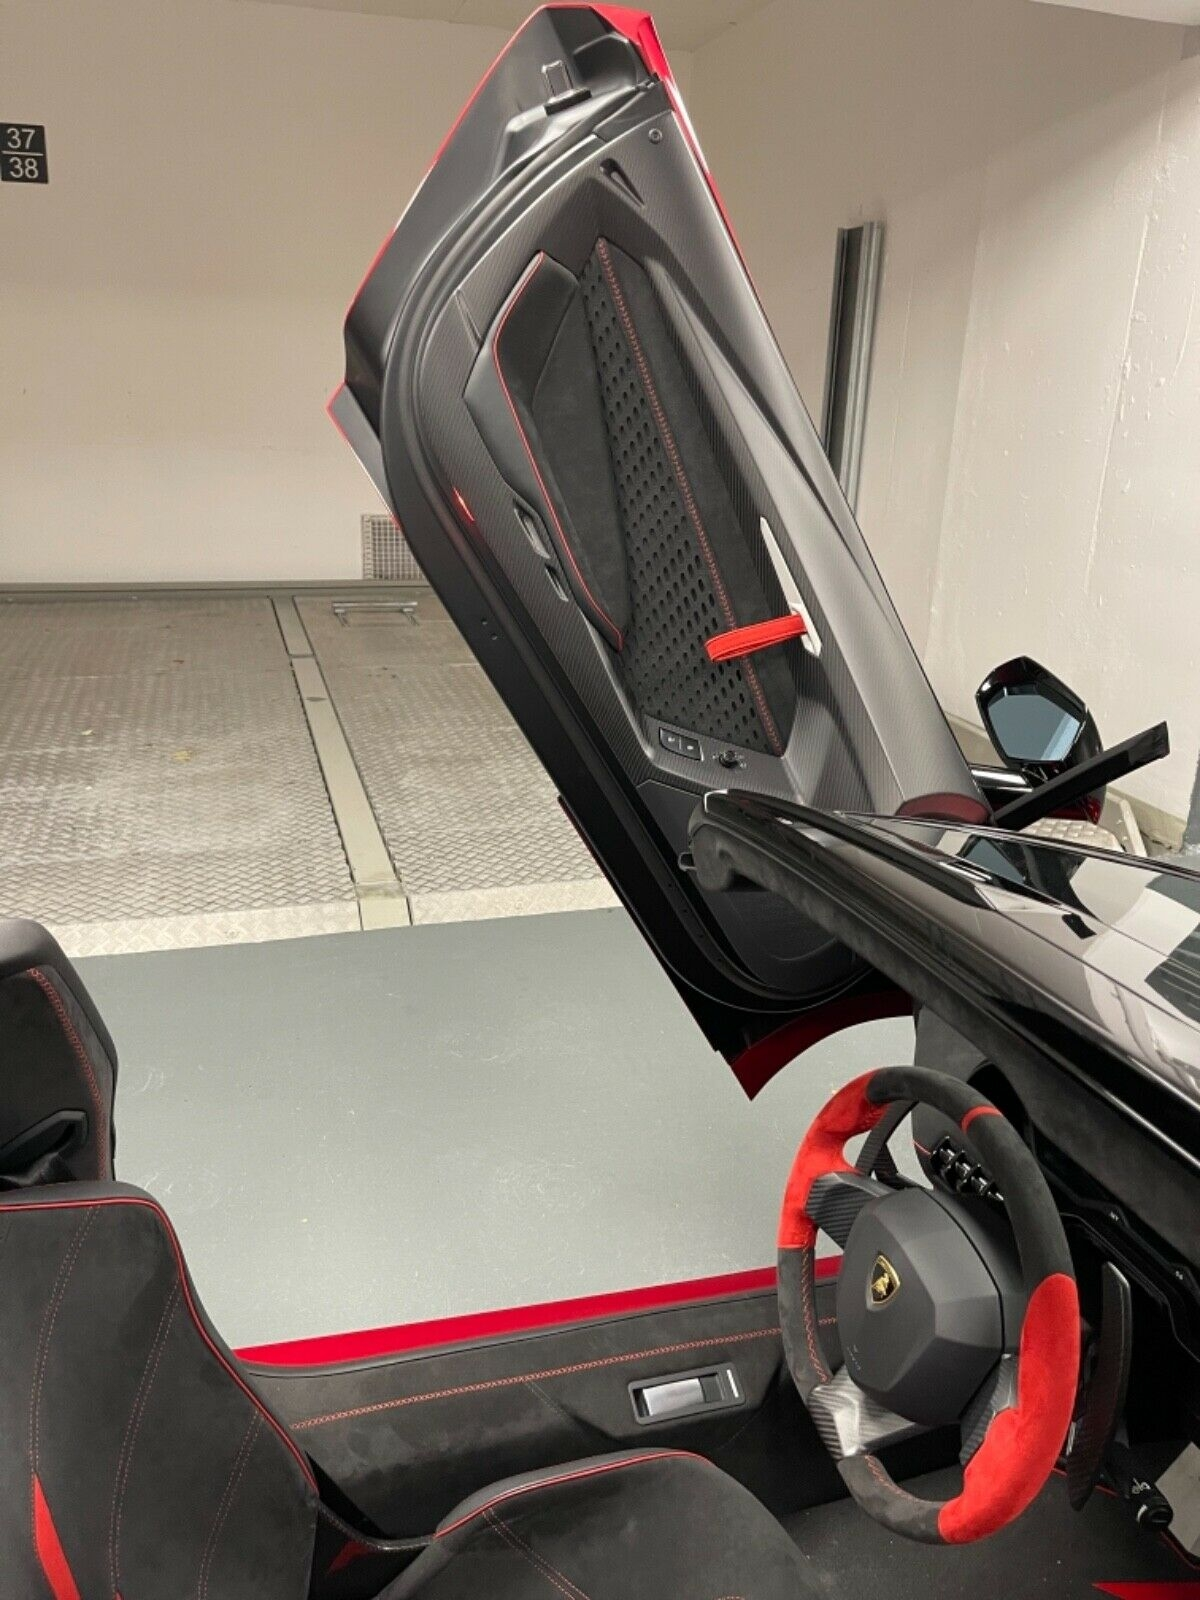 Khoang lái của chiếc Centenario này được bọc hoàn toàn bằng loại vật liệu Alcantara siêu nhẹ với màu chủ đạo là đen.